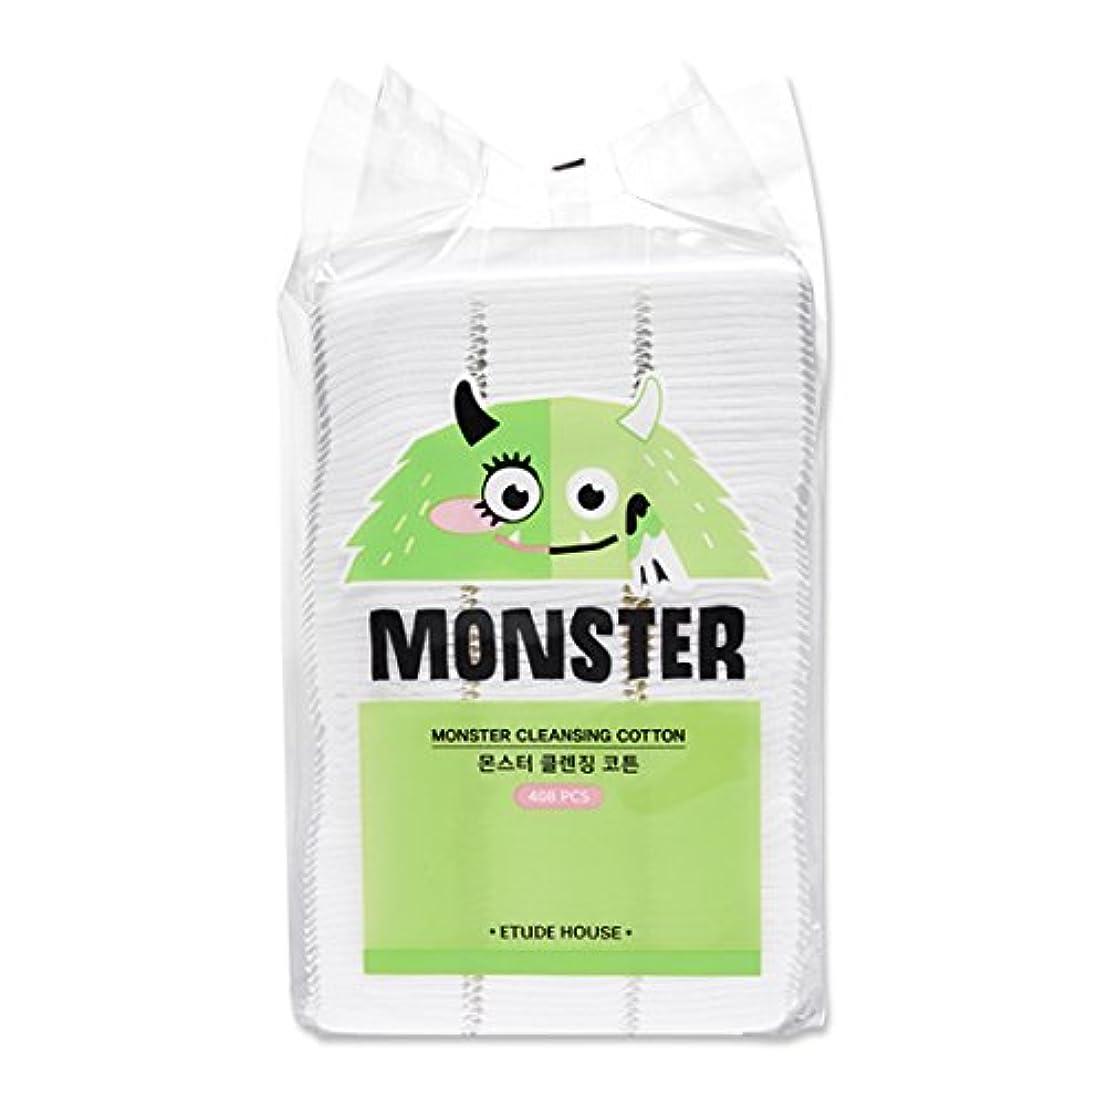 バトル直感考えるETUDE HOUSE Monster Cleansing Cotton / エチュードハウス モンスター クレンジング コットン 408枚 [並行輸入品]